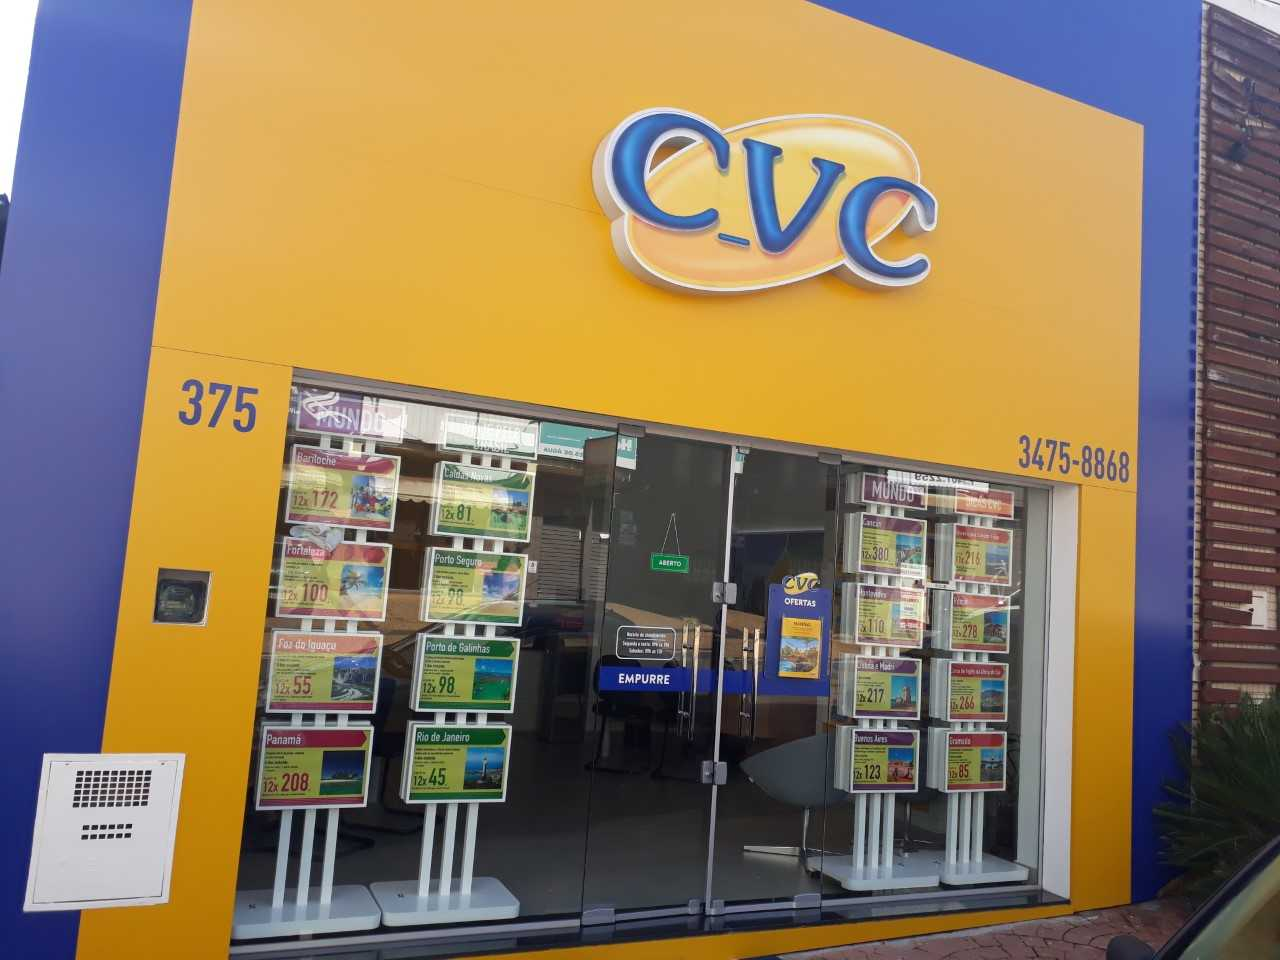 A CVC (CVCB3) está avaliando uma oferta de ações ao mercado, com o intuito de completar um ciclo de capitalizações iniciado em 2020.